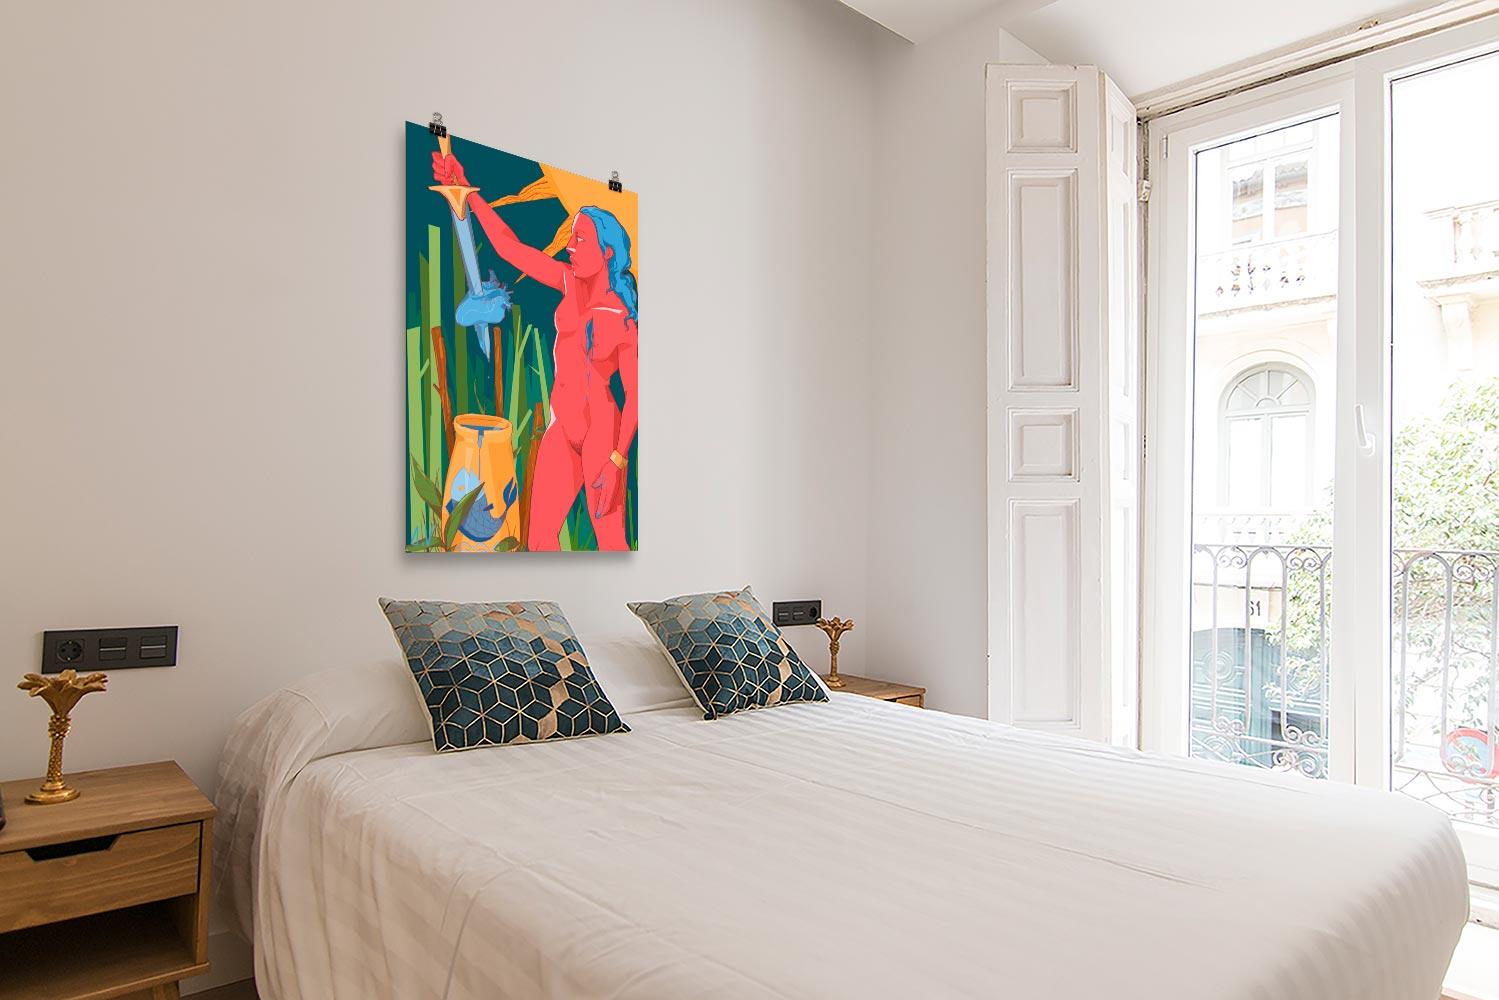 Reproducción de arte en lámina - dormitorio con balcón - La Fuerza de Acuario - Diseño Digital - Zodiaco - Ilustración -pintado por Aida Valdayo